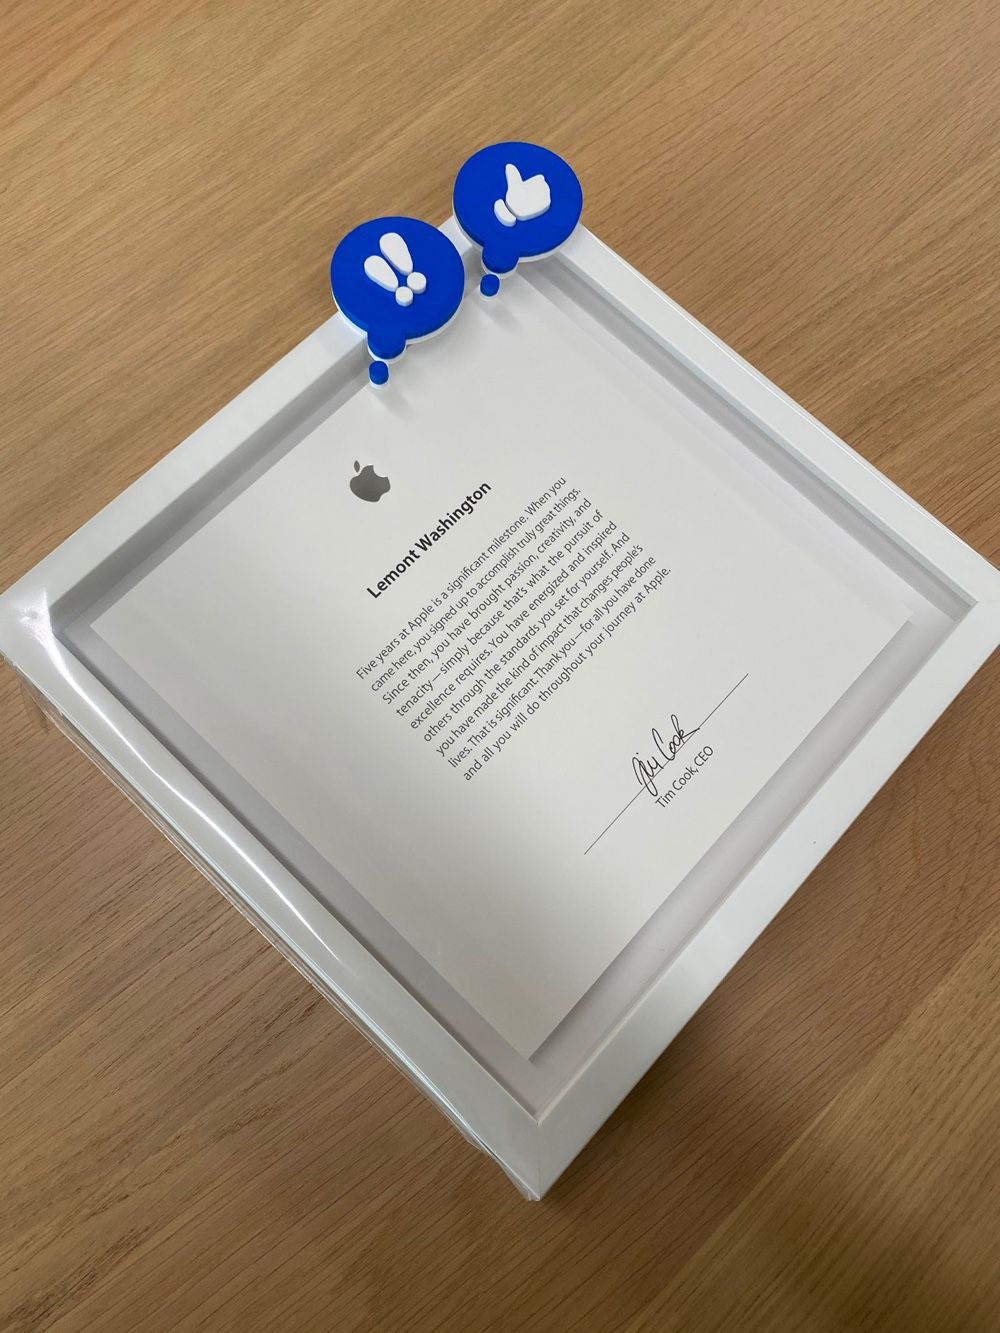 Une plaque signée Tim Cook pour cinq ans de travail chez Apple